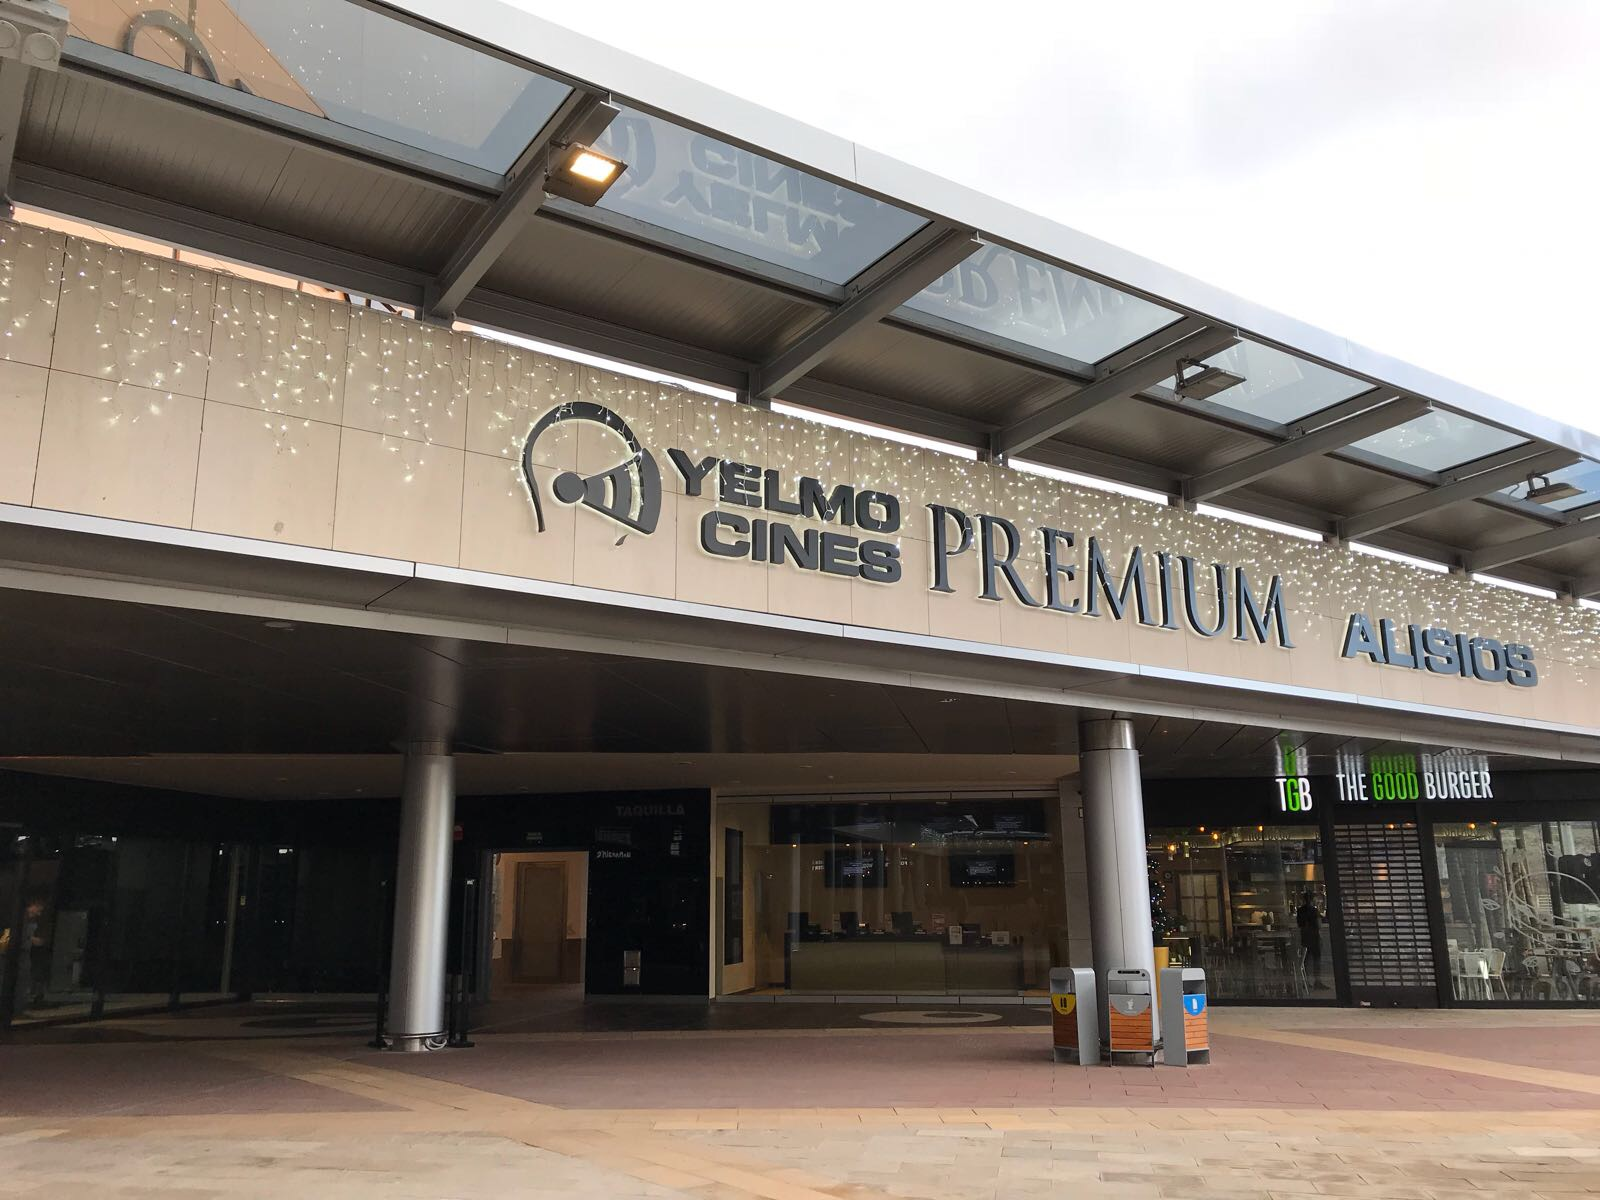 Opincan - Salas de cine Yelmo en el Centro Comercial Alisios 15